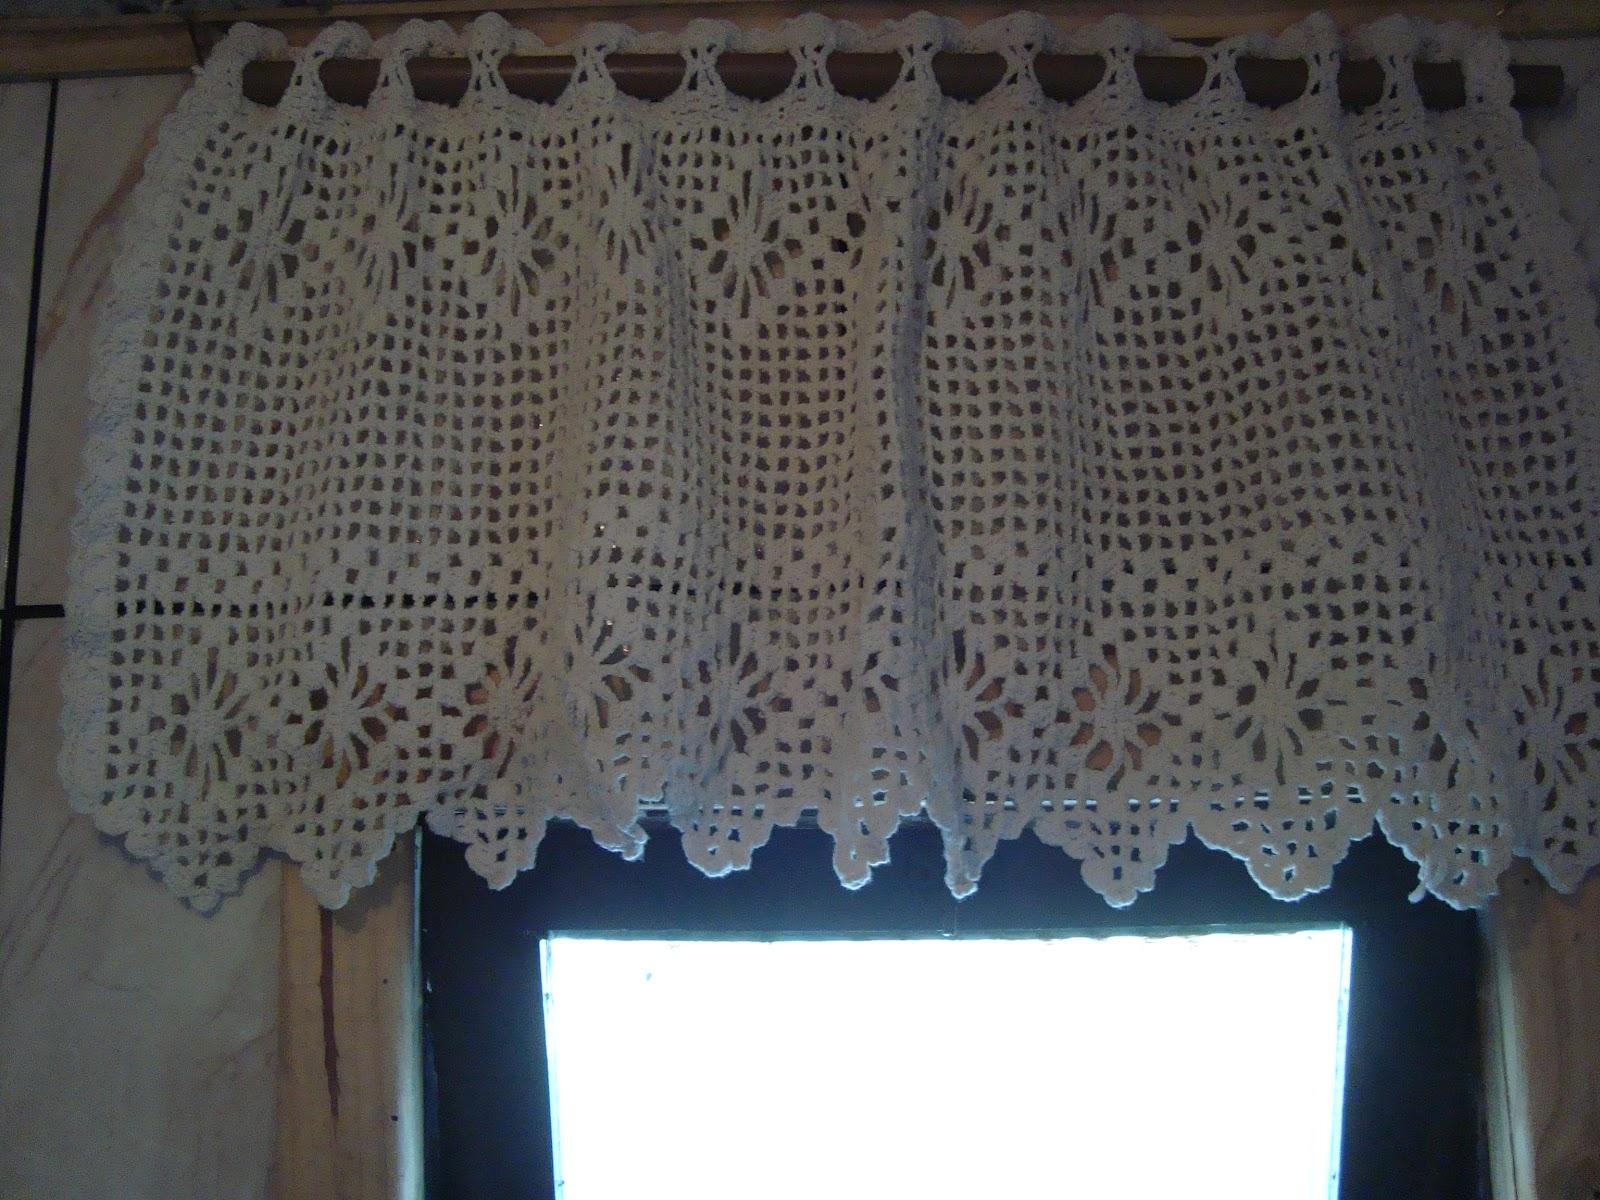 Artes Arteiras: Cortina de crochê para janela banheiro #3C758F 1600 1200